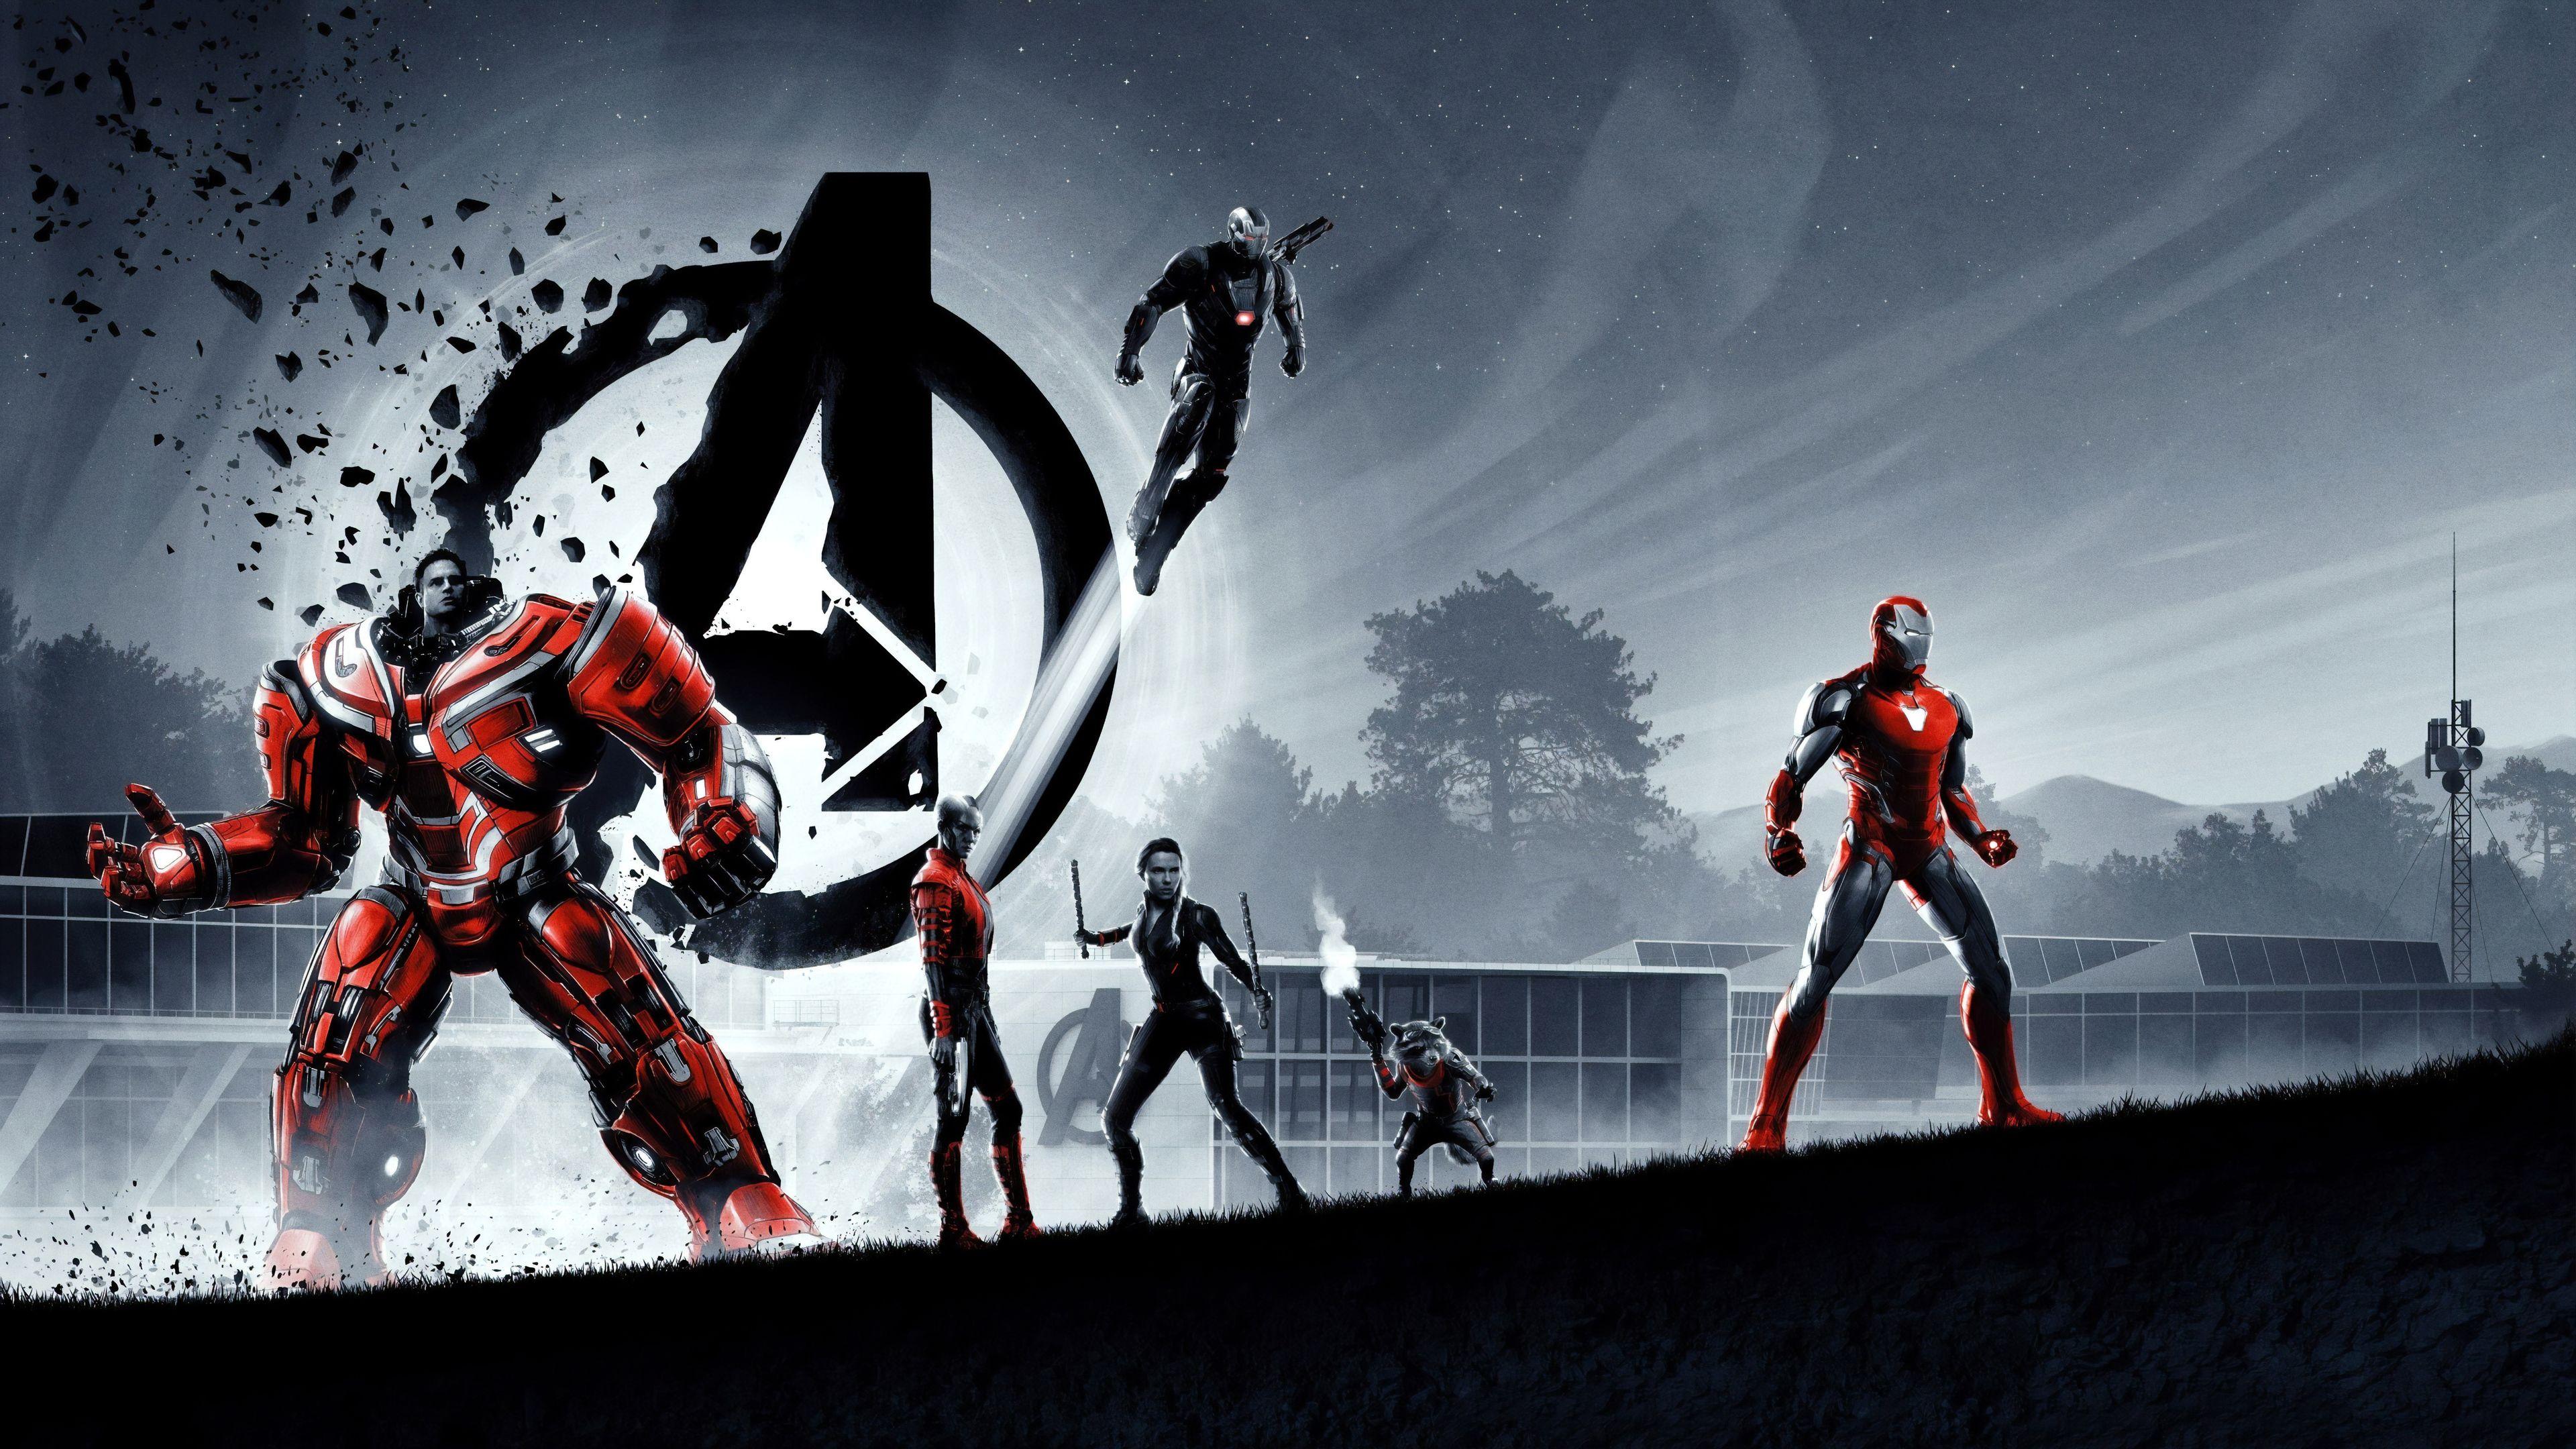 Wallpaper 4k Avengers Endgame 4k 2019 Movies Wallpapers 4k